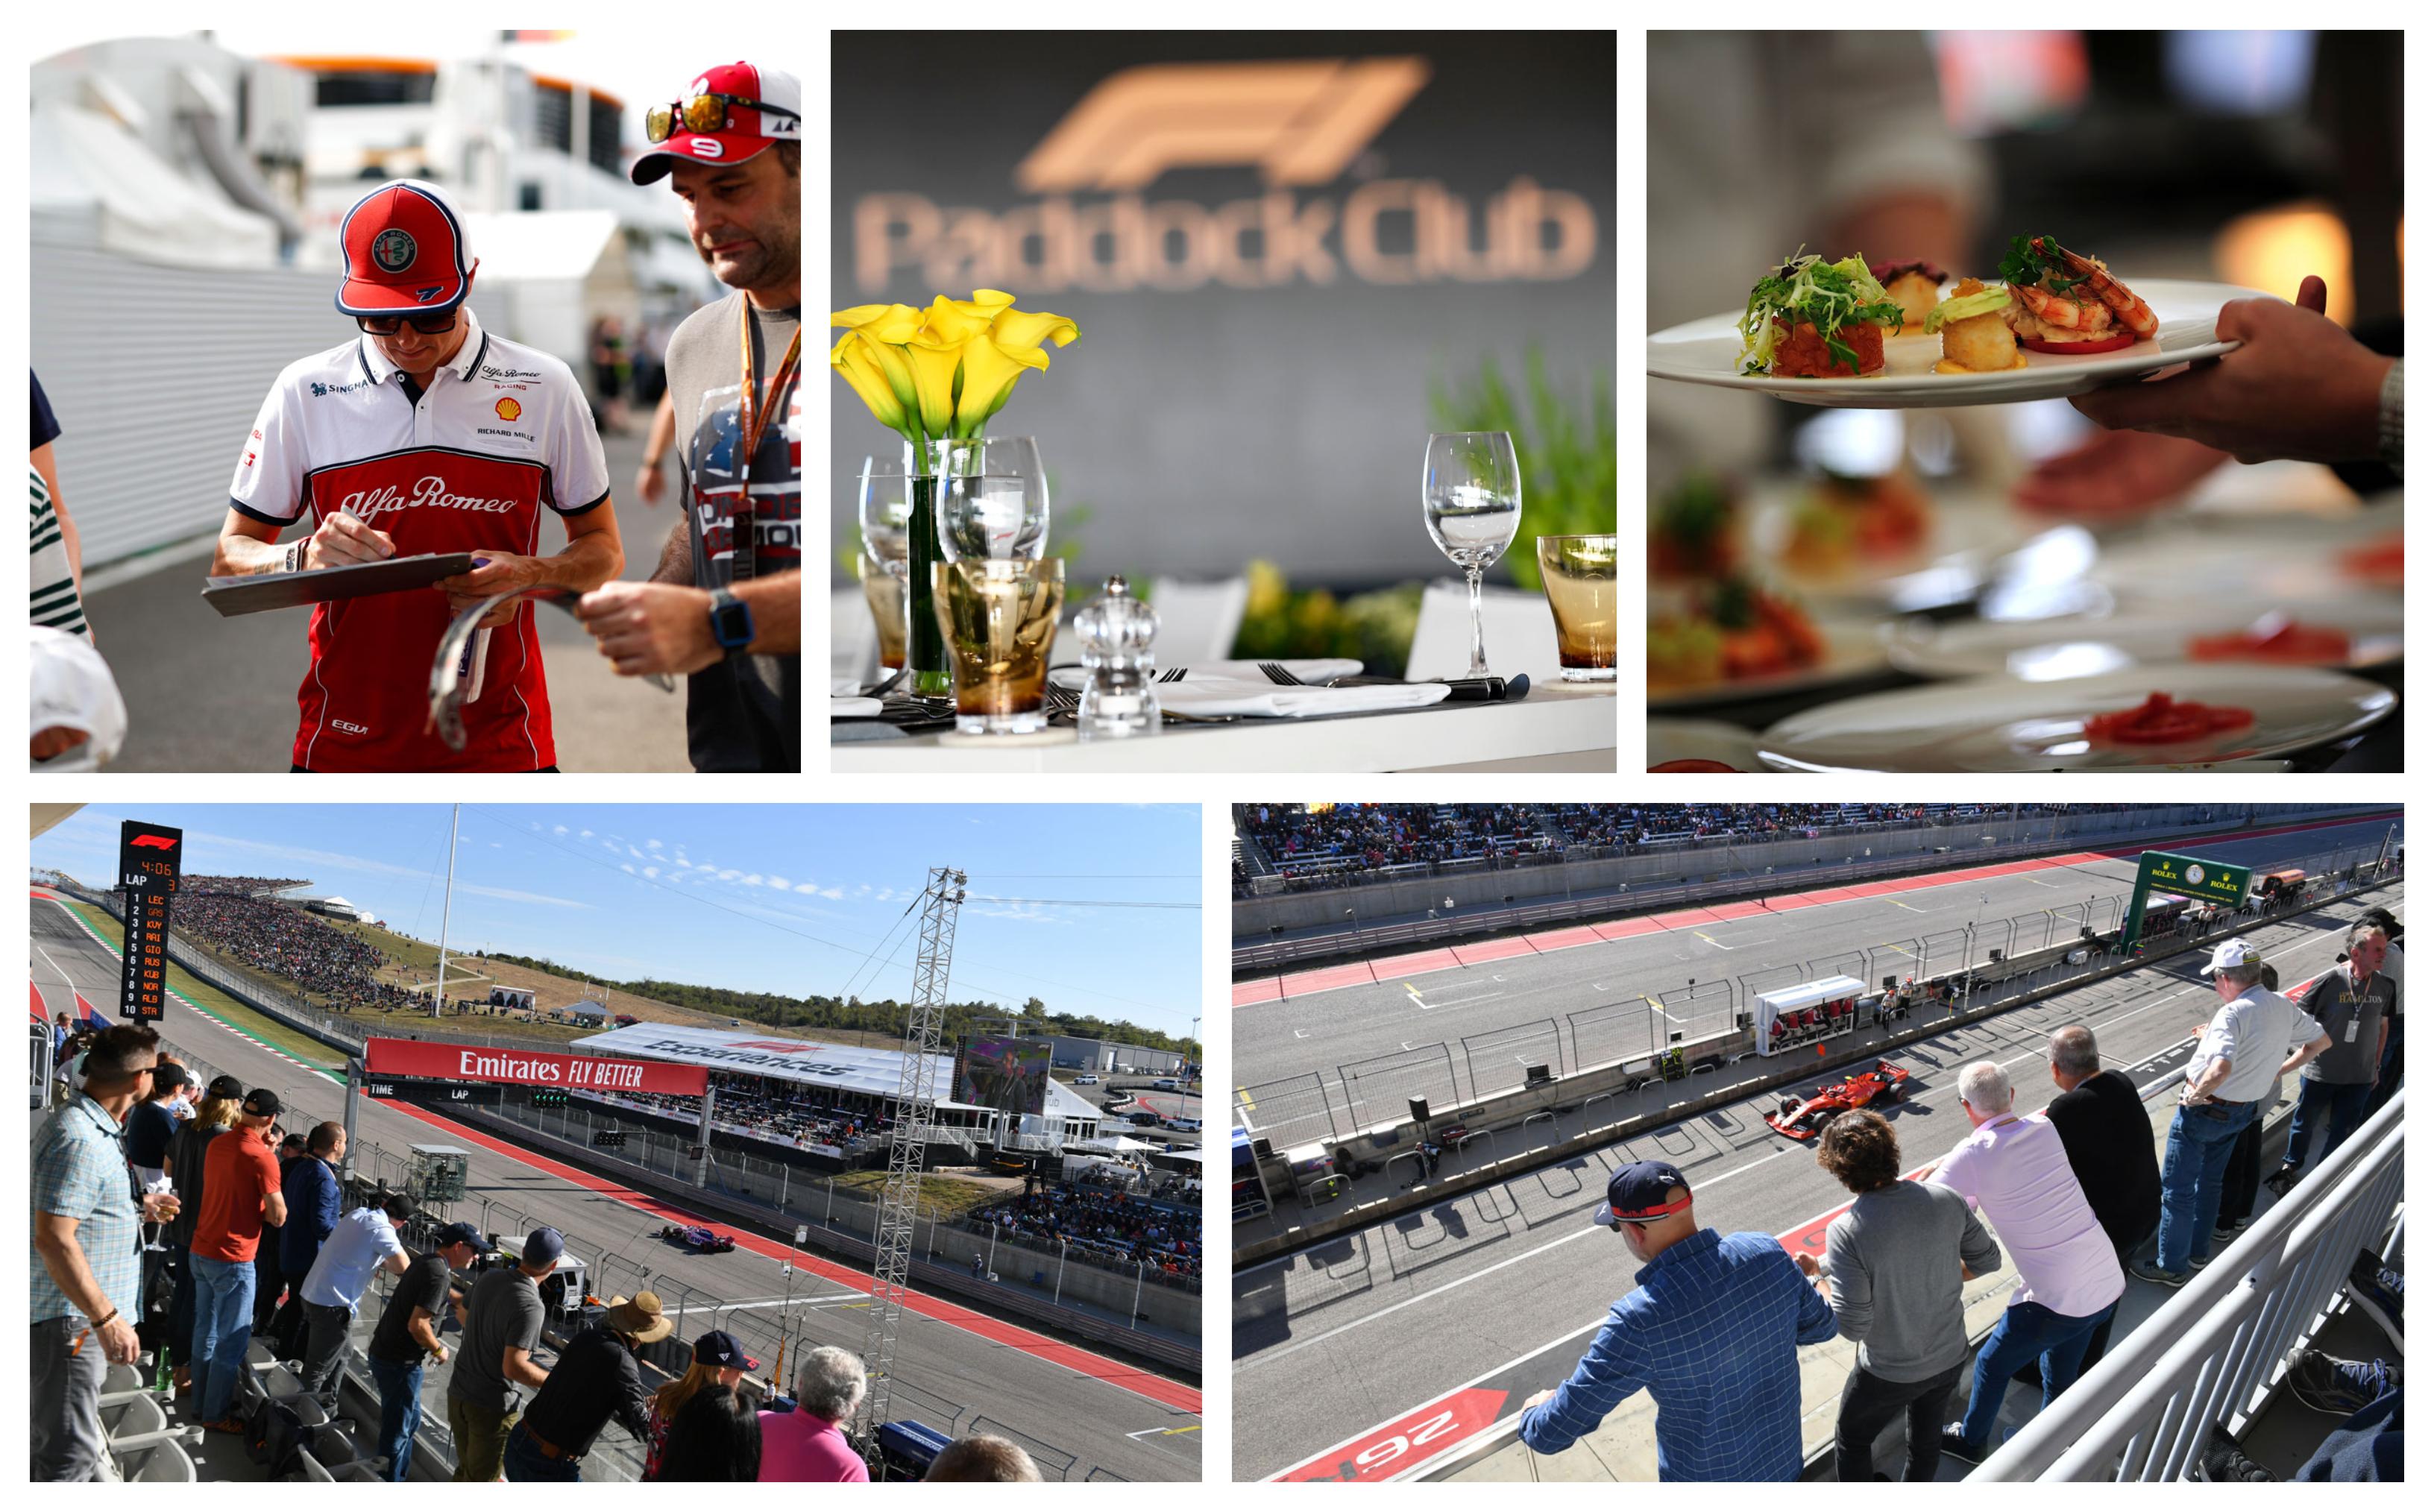 Formule 1 Amerika 2021 – Legend ticketpakket F1® Experiences